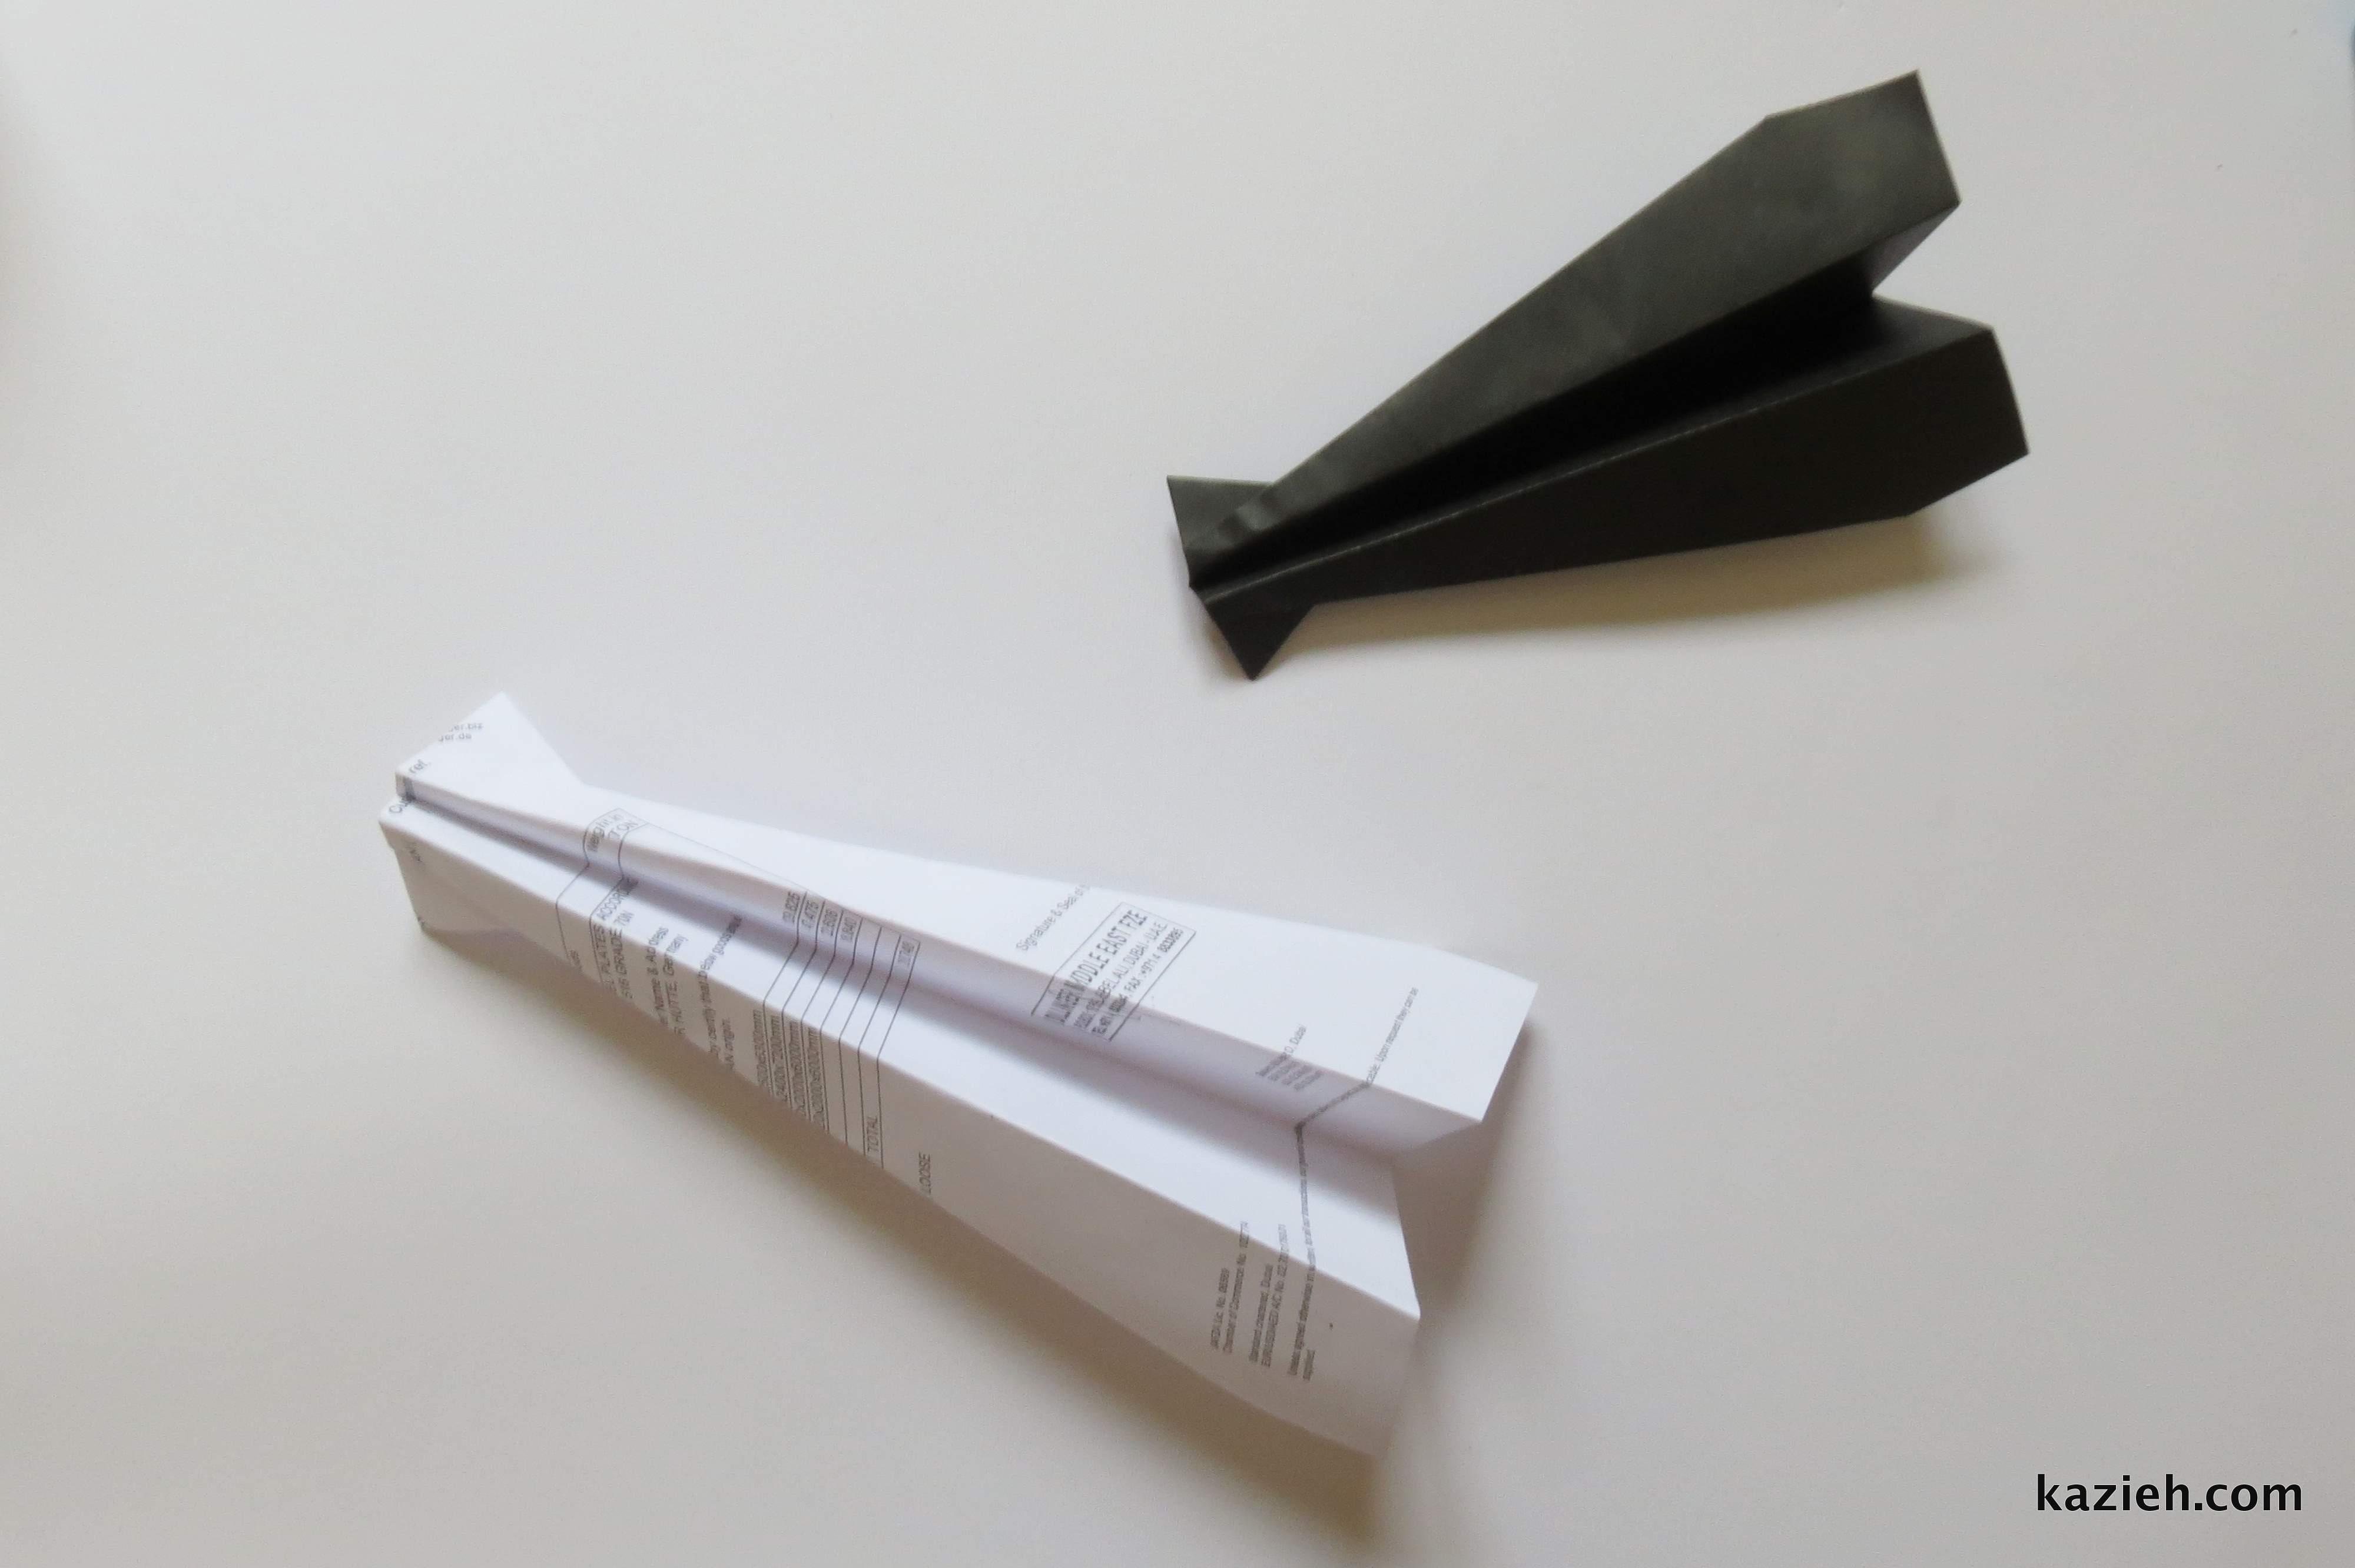 آموزش موشک کاغذی - کازیه